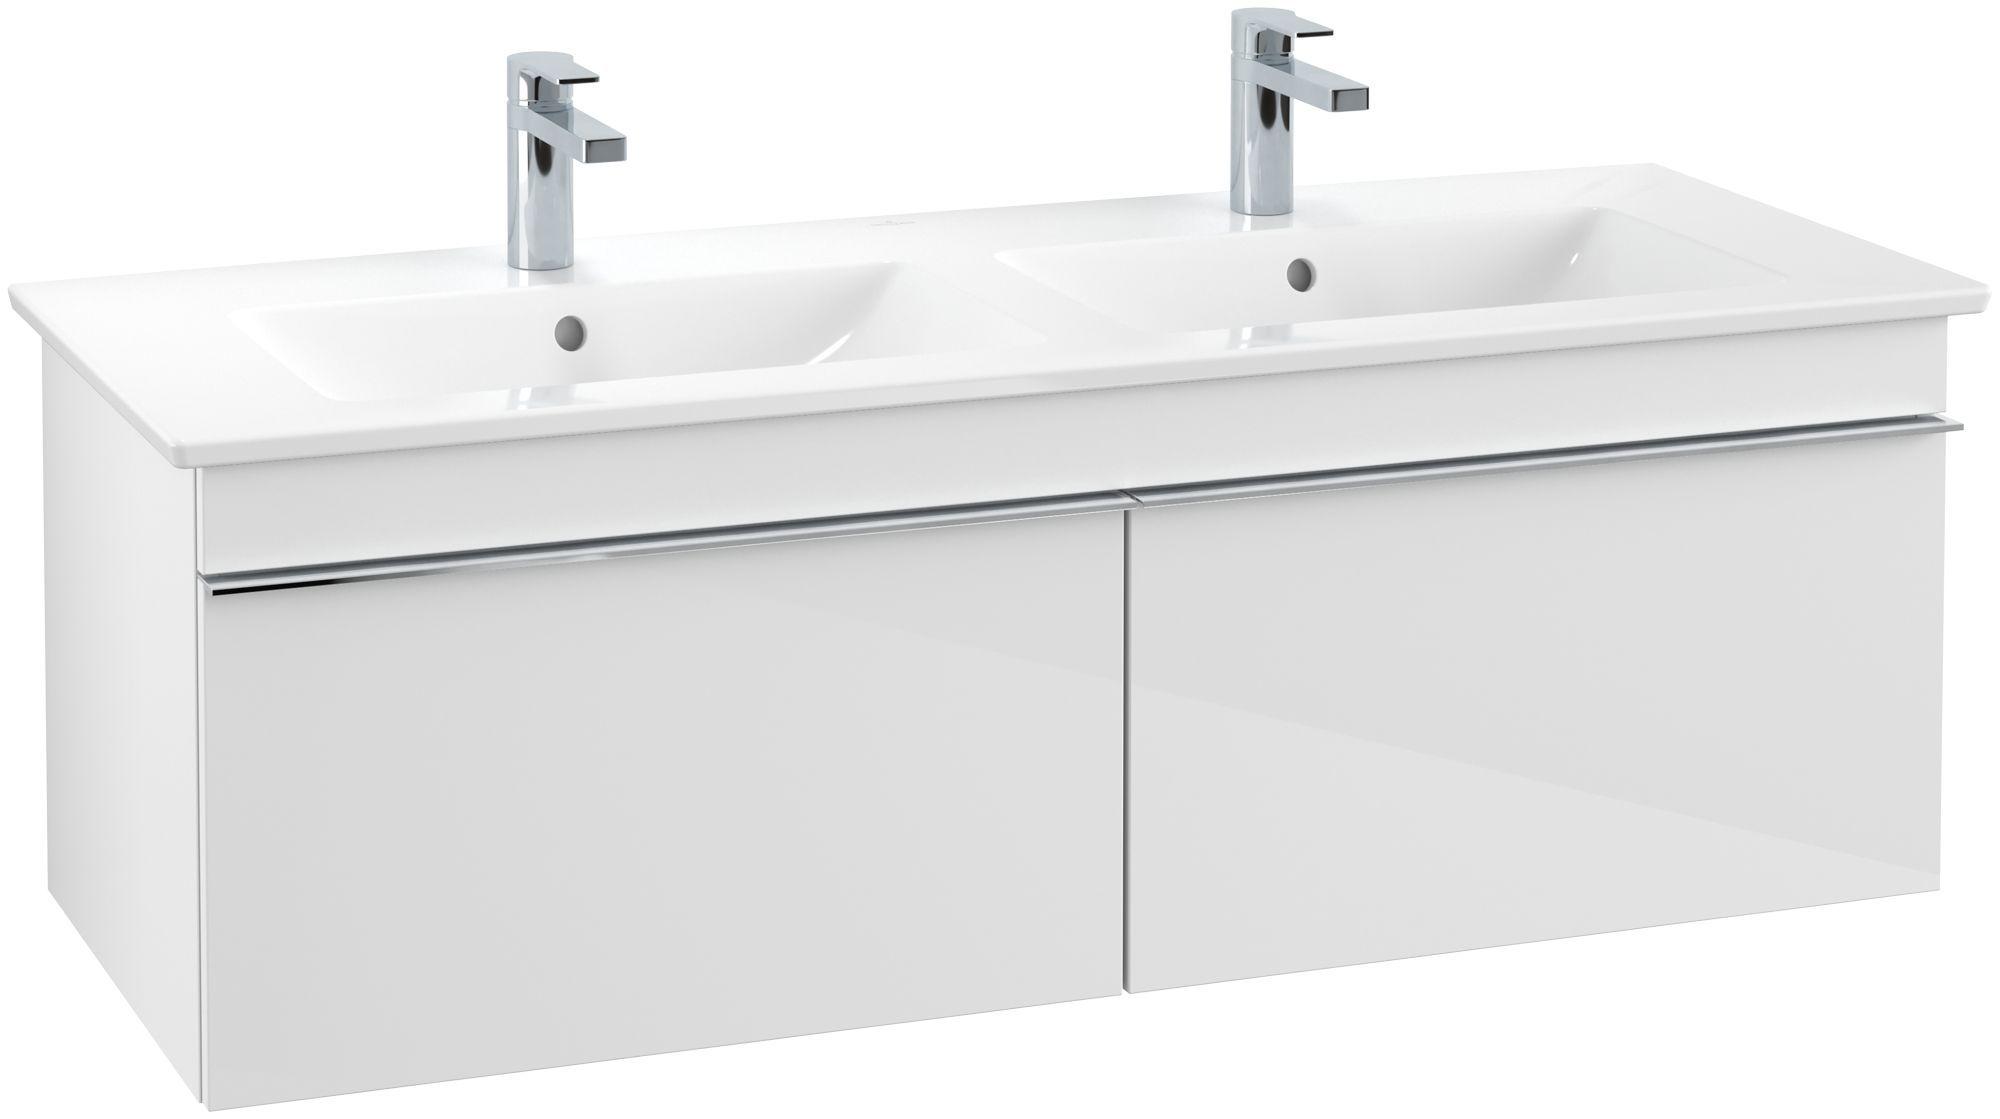 Villeroy & Boch Venticello Waschtischunterschrank 2 Auszüge B:1253xT:502xH:420mm glossy weiß Griffe chrom A93901DH